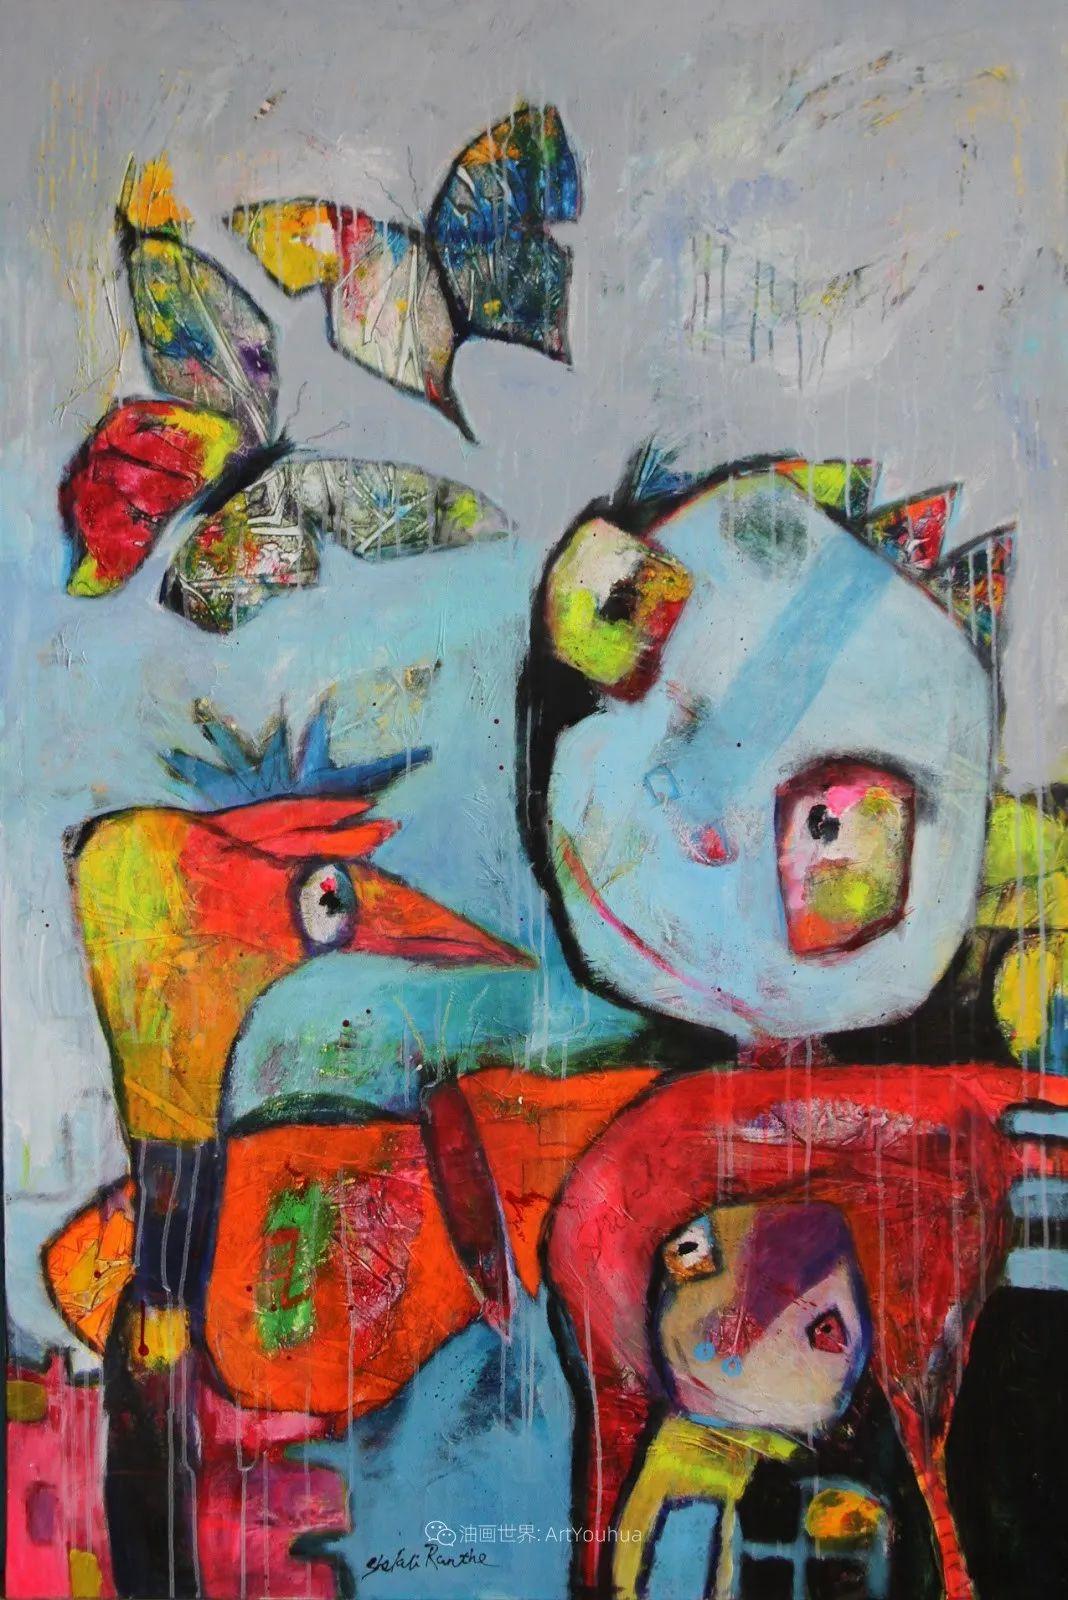 她的艺术是丰富多彩的,孟加拉国艺术家谢法利·兰特插图18